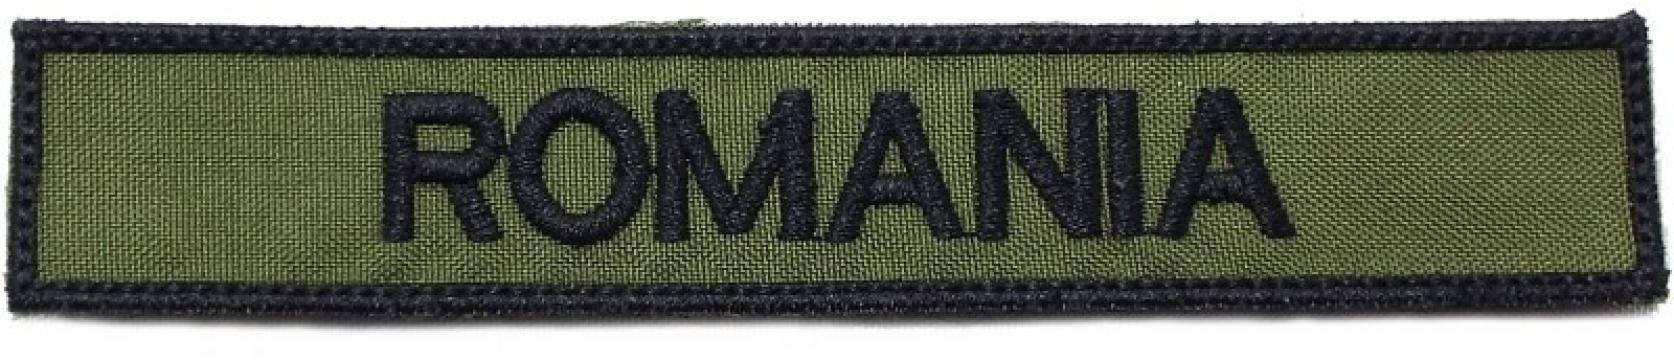 Ecuson militar brodat